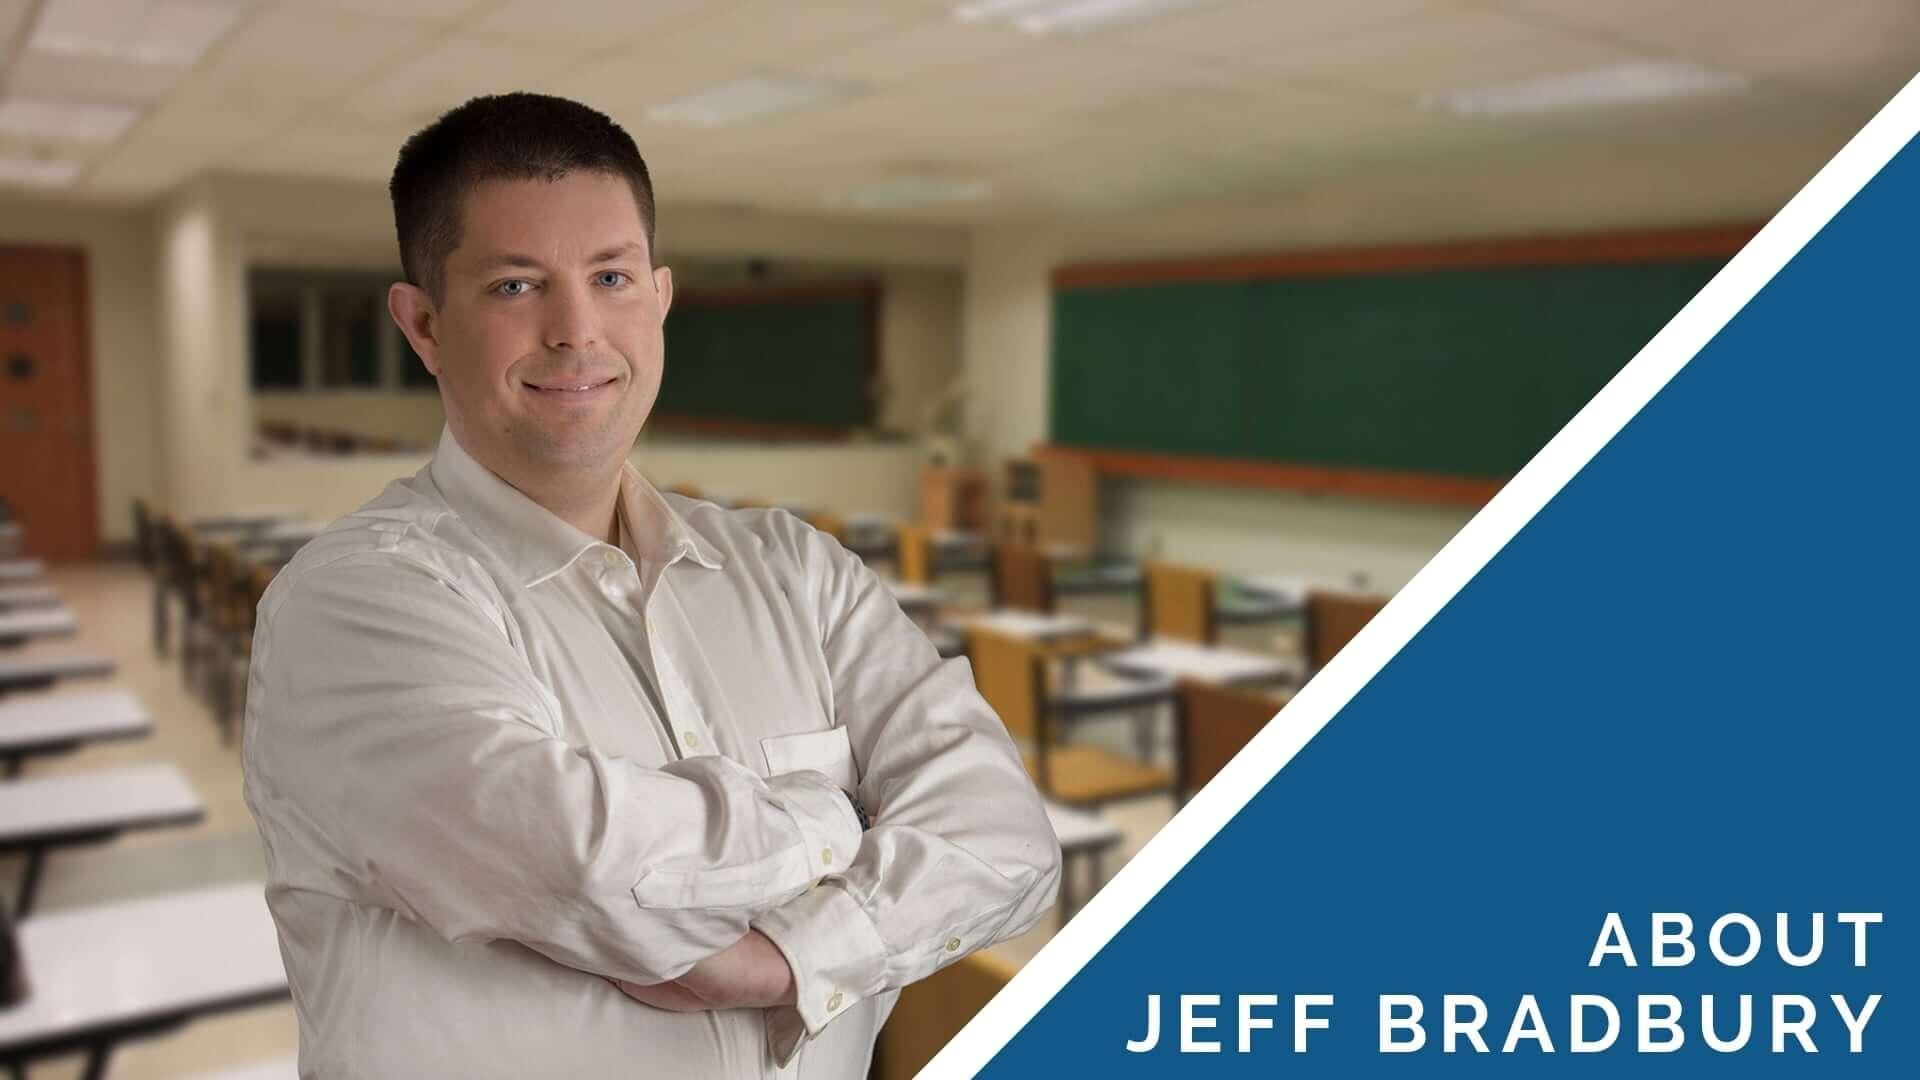 About Jeff Bradbury